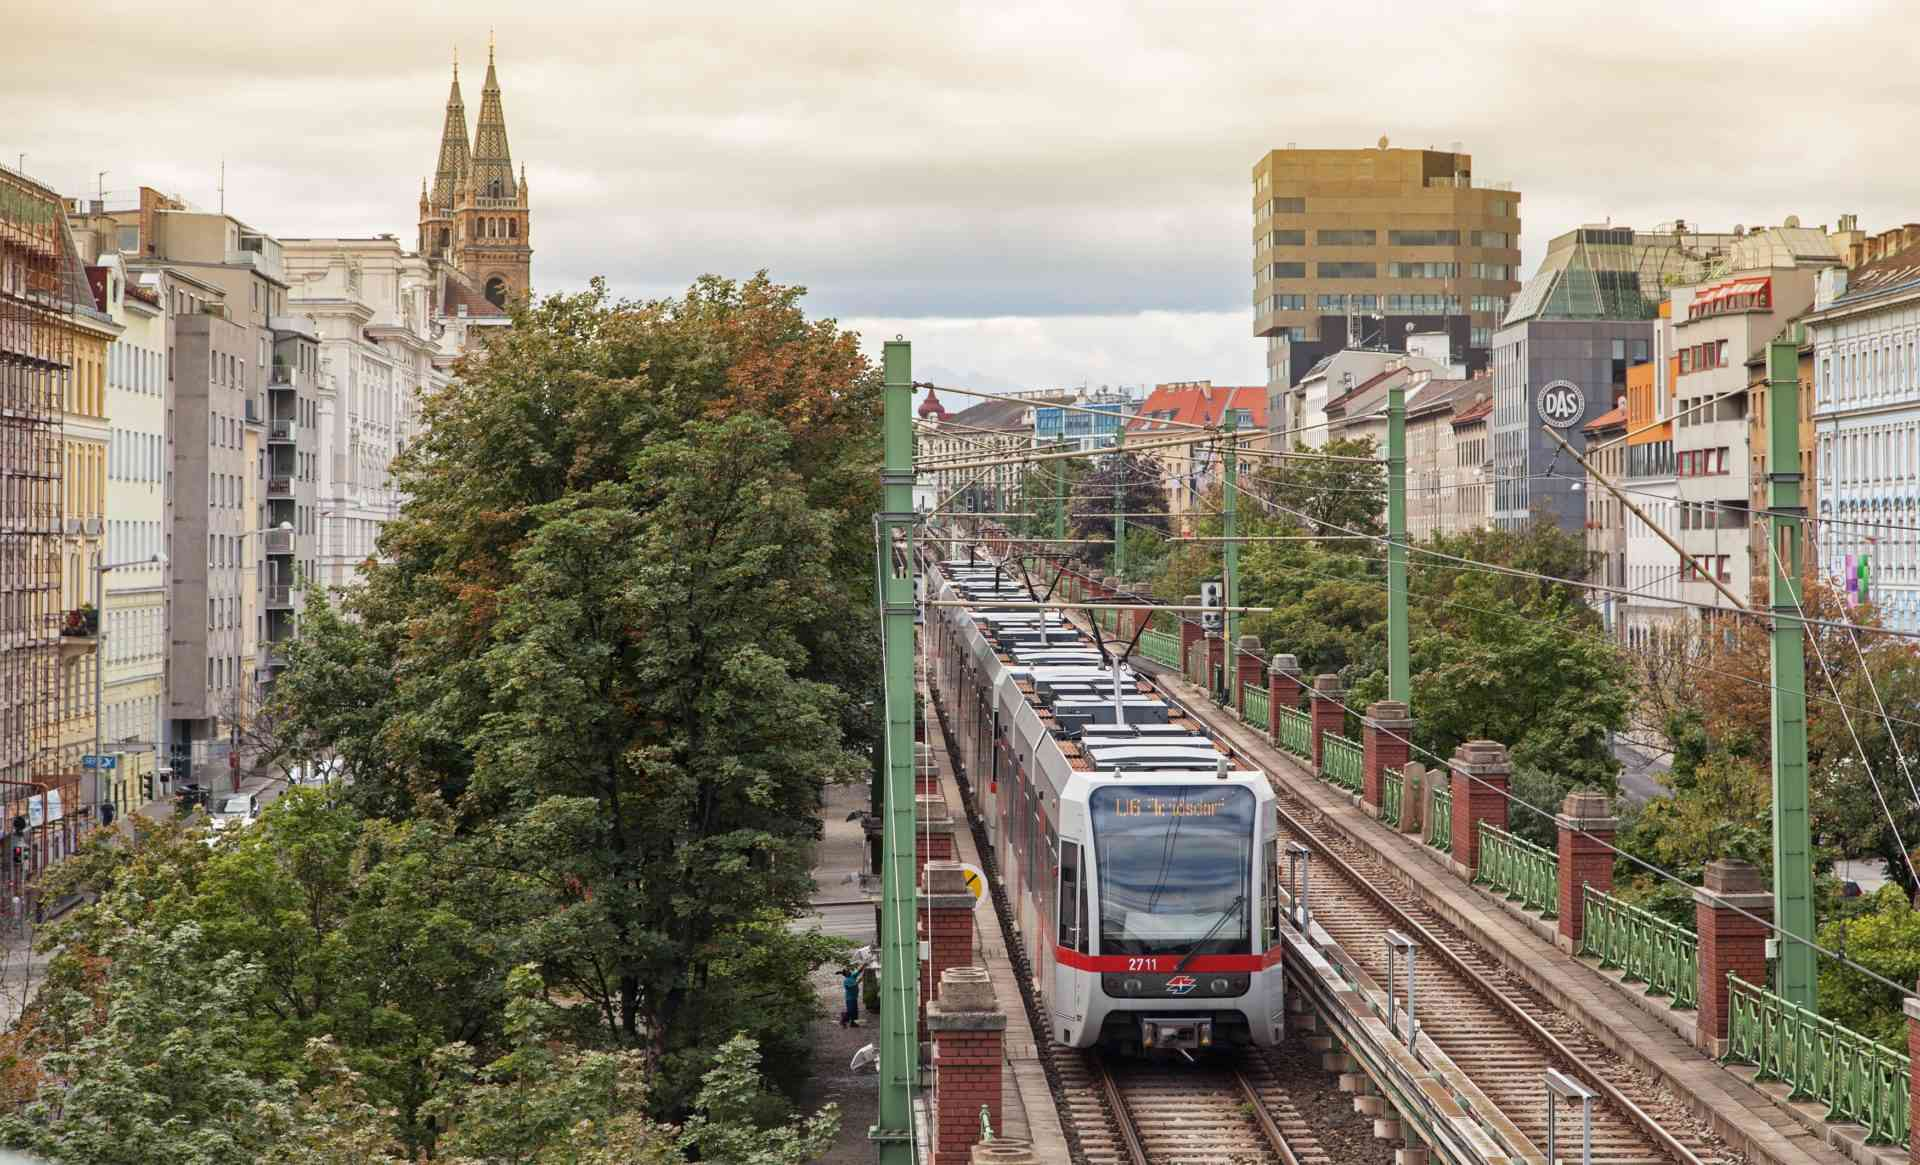 Bei einer Fahrt auf der Strecke der ehemaligen Stadtbahn lohnt es sich definitiv, einen Fensterplatz zu wählen.